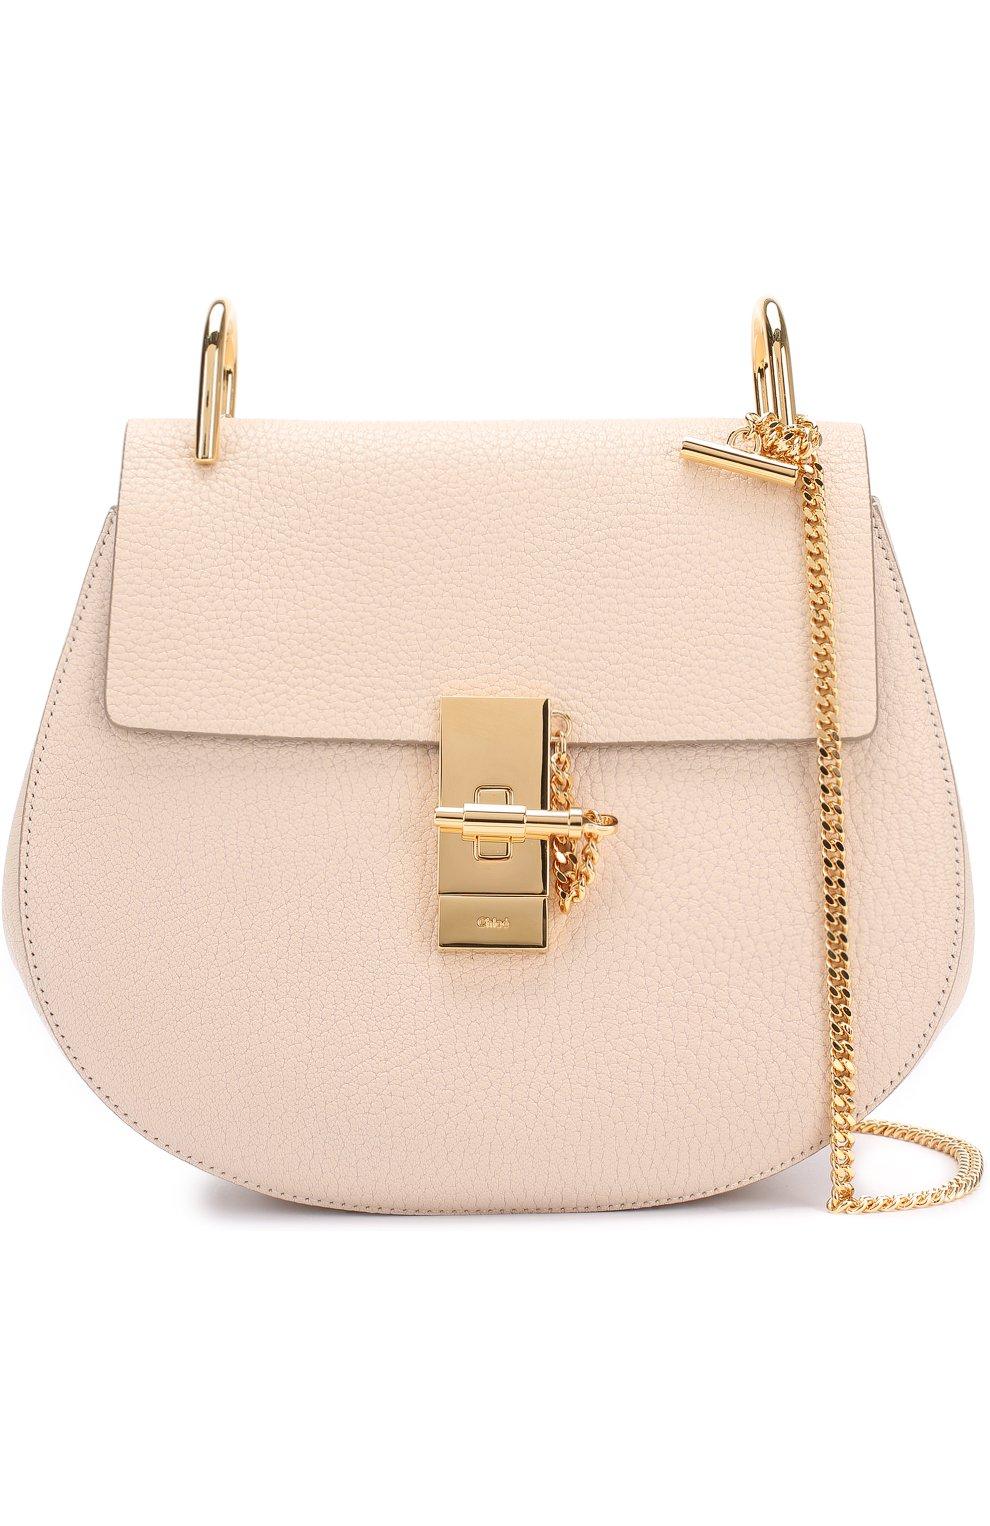 4384fc3aa1f8 Женская сумка drew на цепочке CHLOÉ кремовая цвета — купить за ...